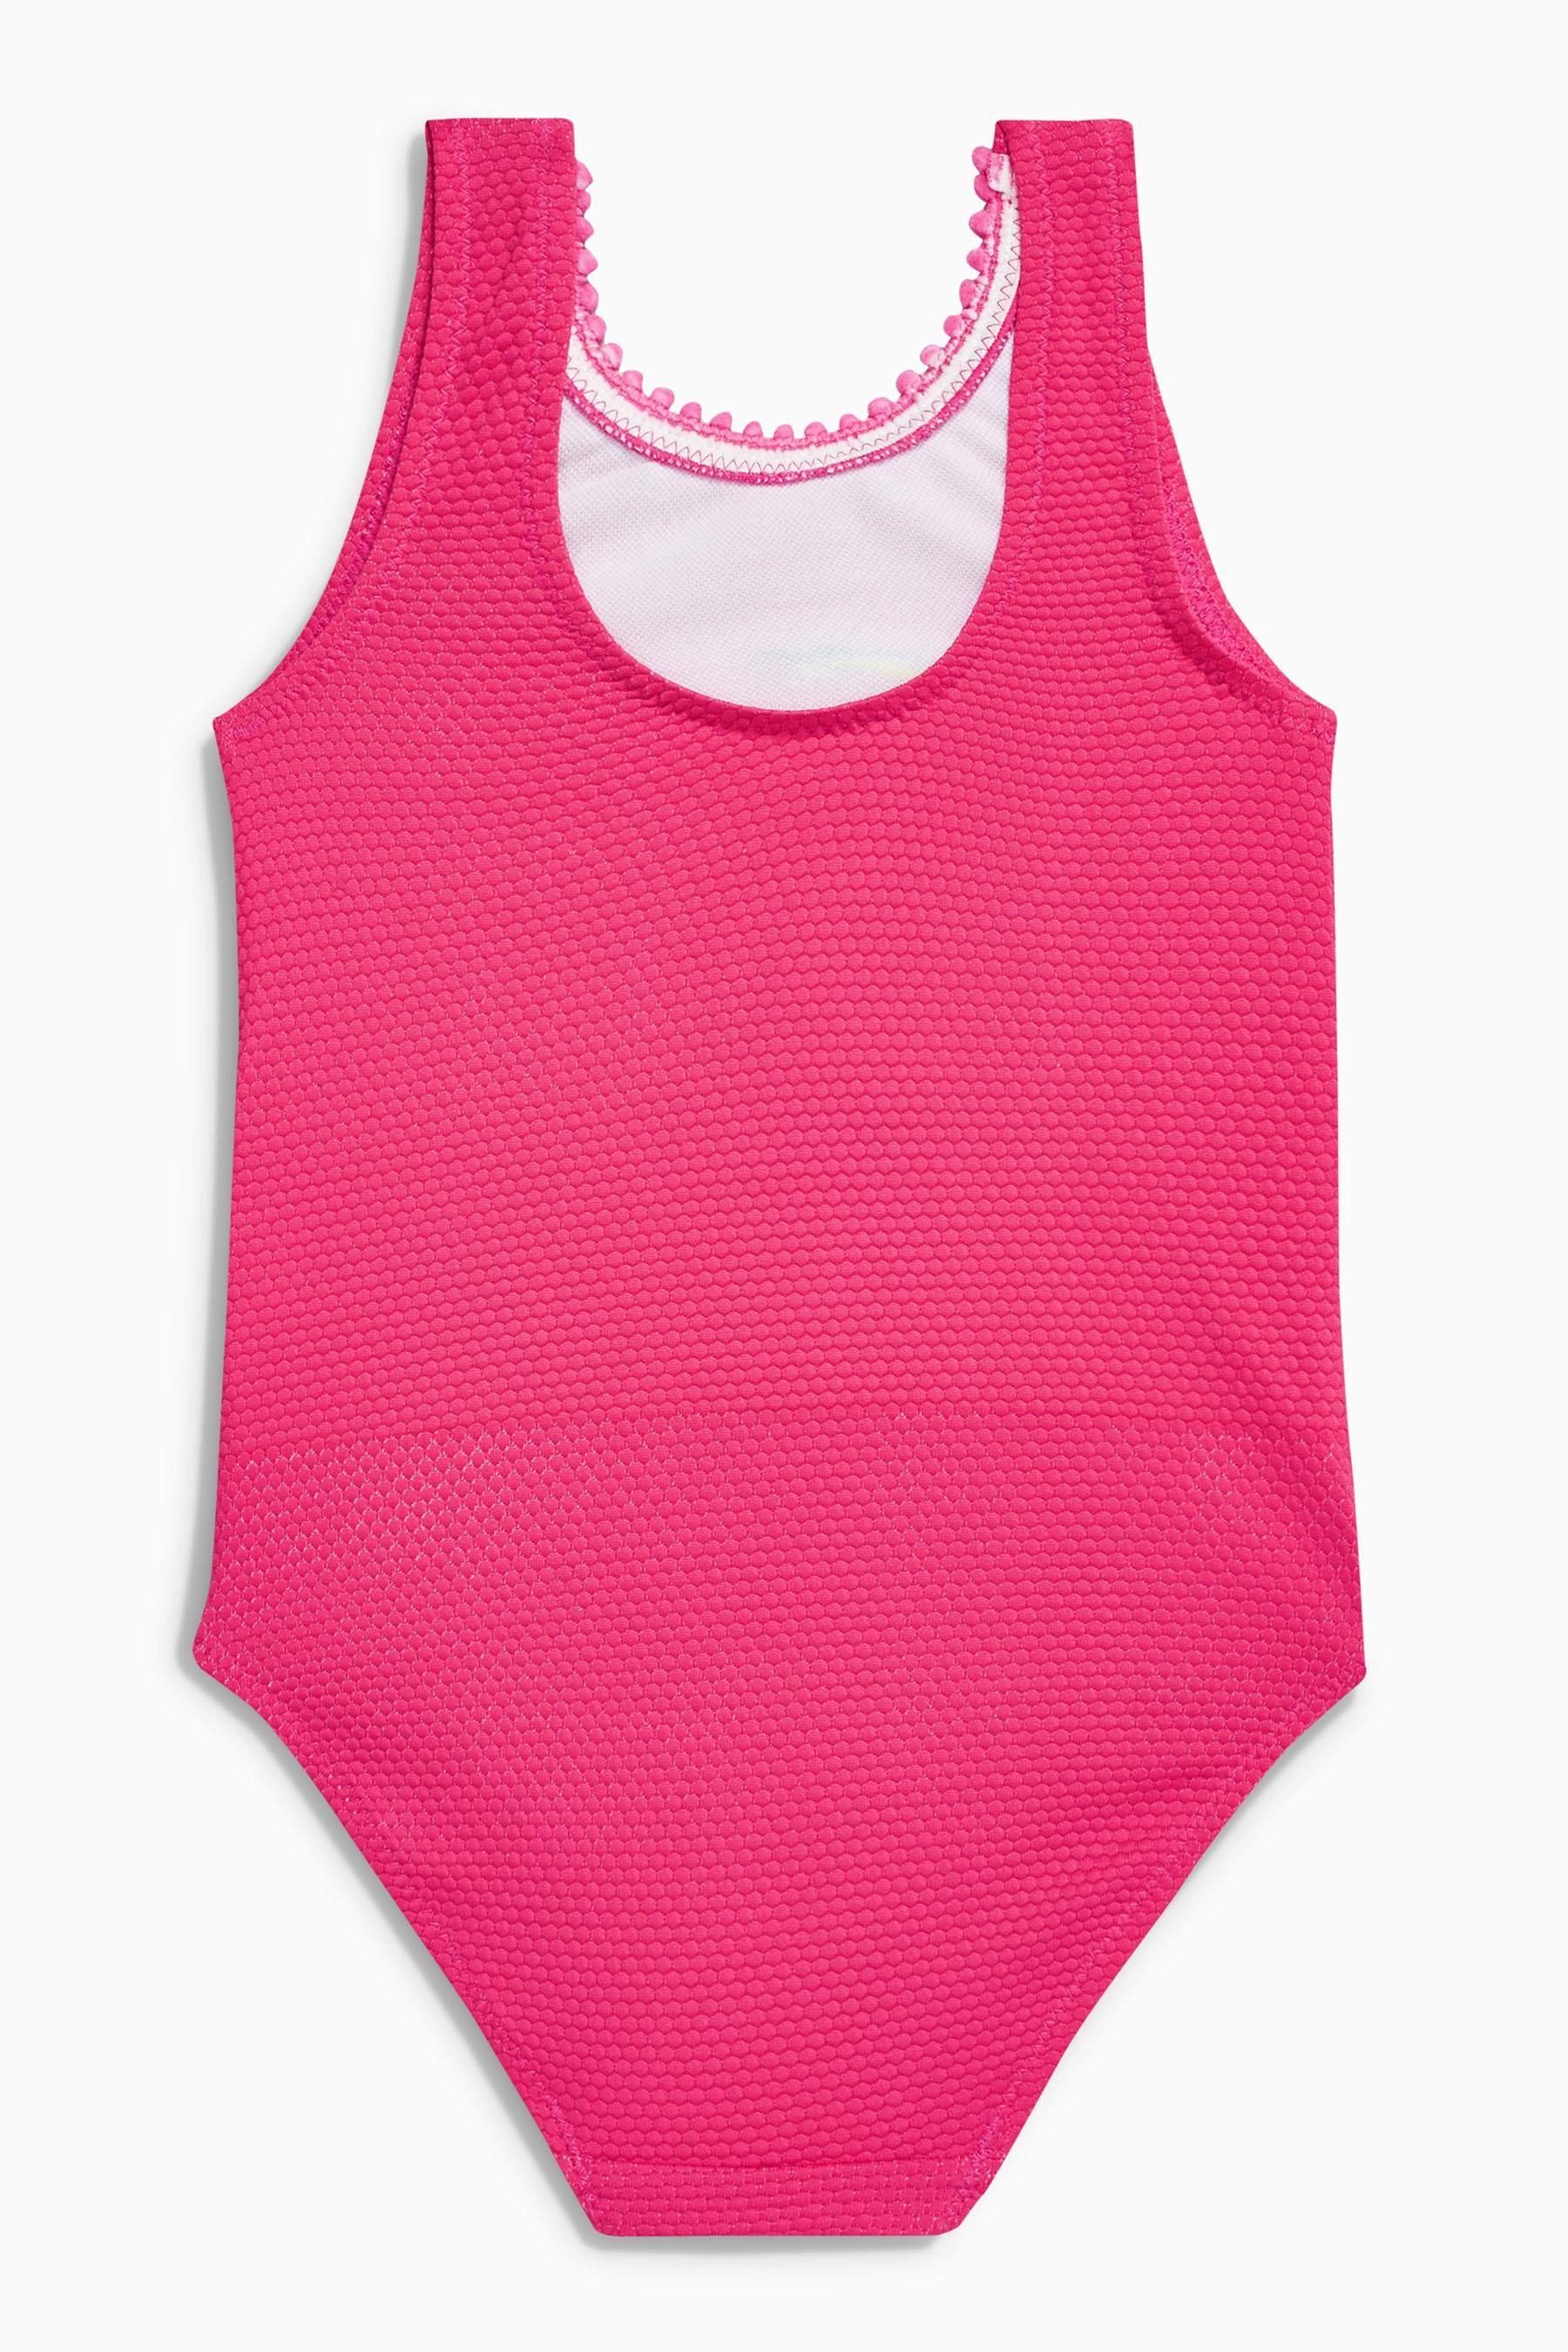 现货英国NEXT女童女宝鹦鹉速干高弹力连体泳衣裤